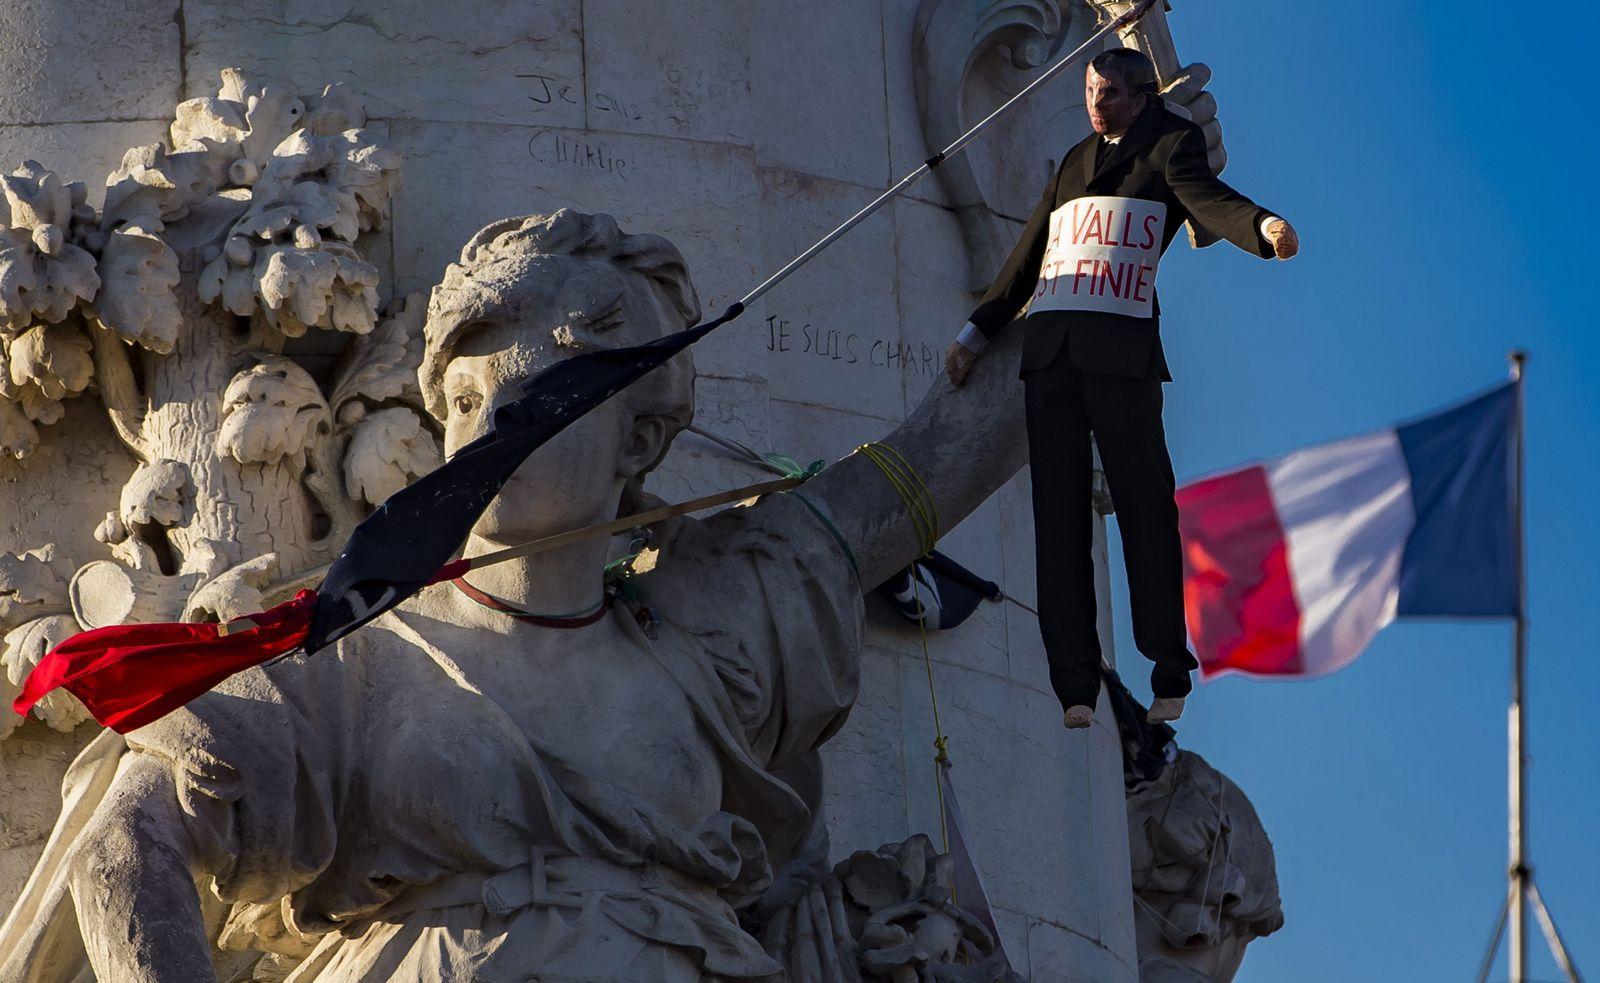 Nuit Debout in Paris